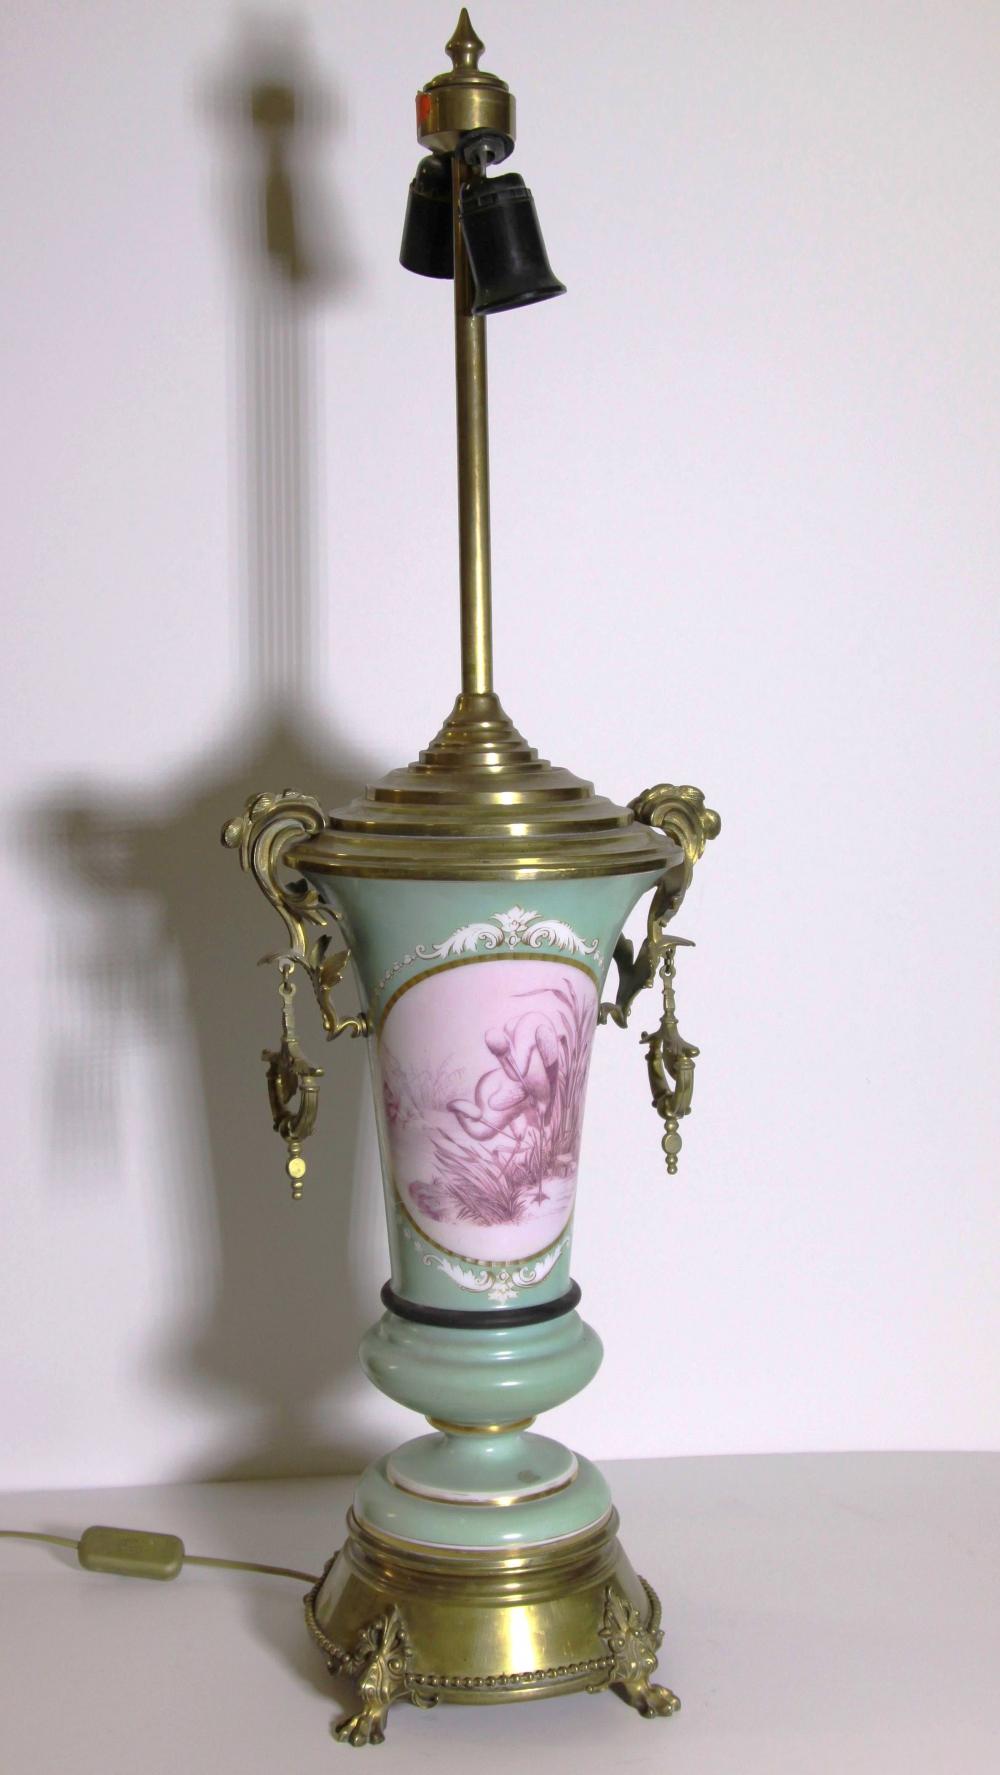 Лампа фарфоровая в неоклассическом стиле с фарфоровым туловом